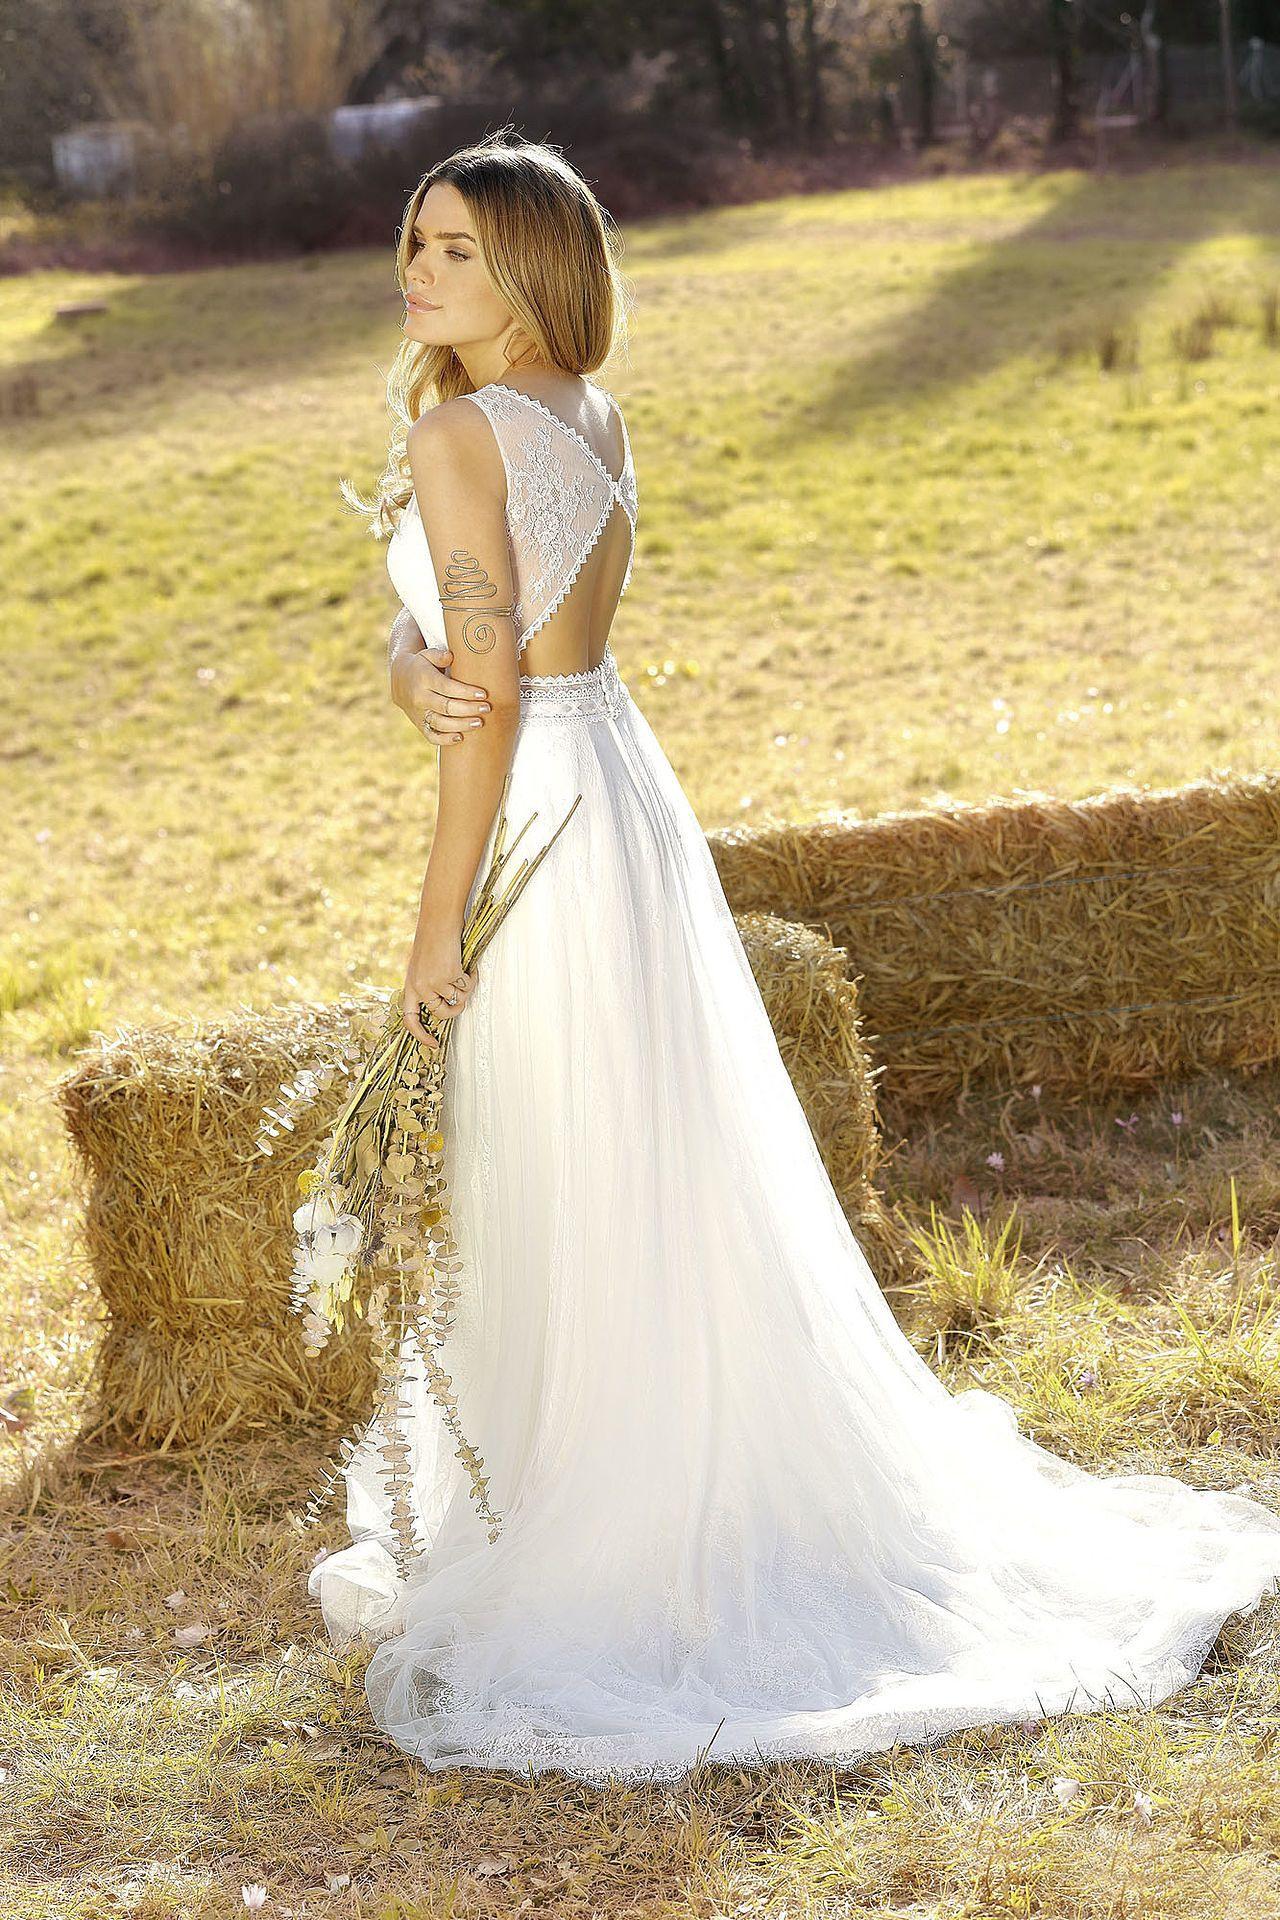 Ladybird #vintage #hochzeit #braut #brautkleid  Kleider - Abendkleid